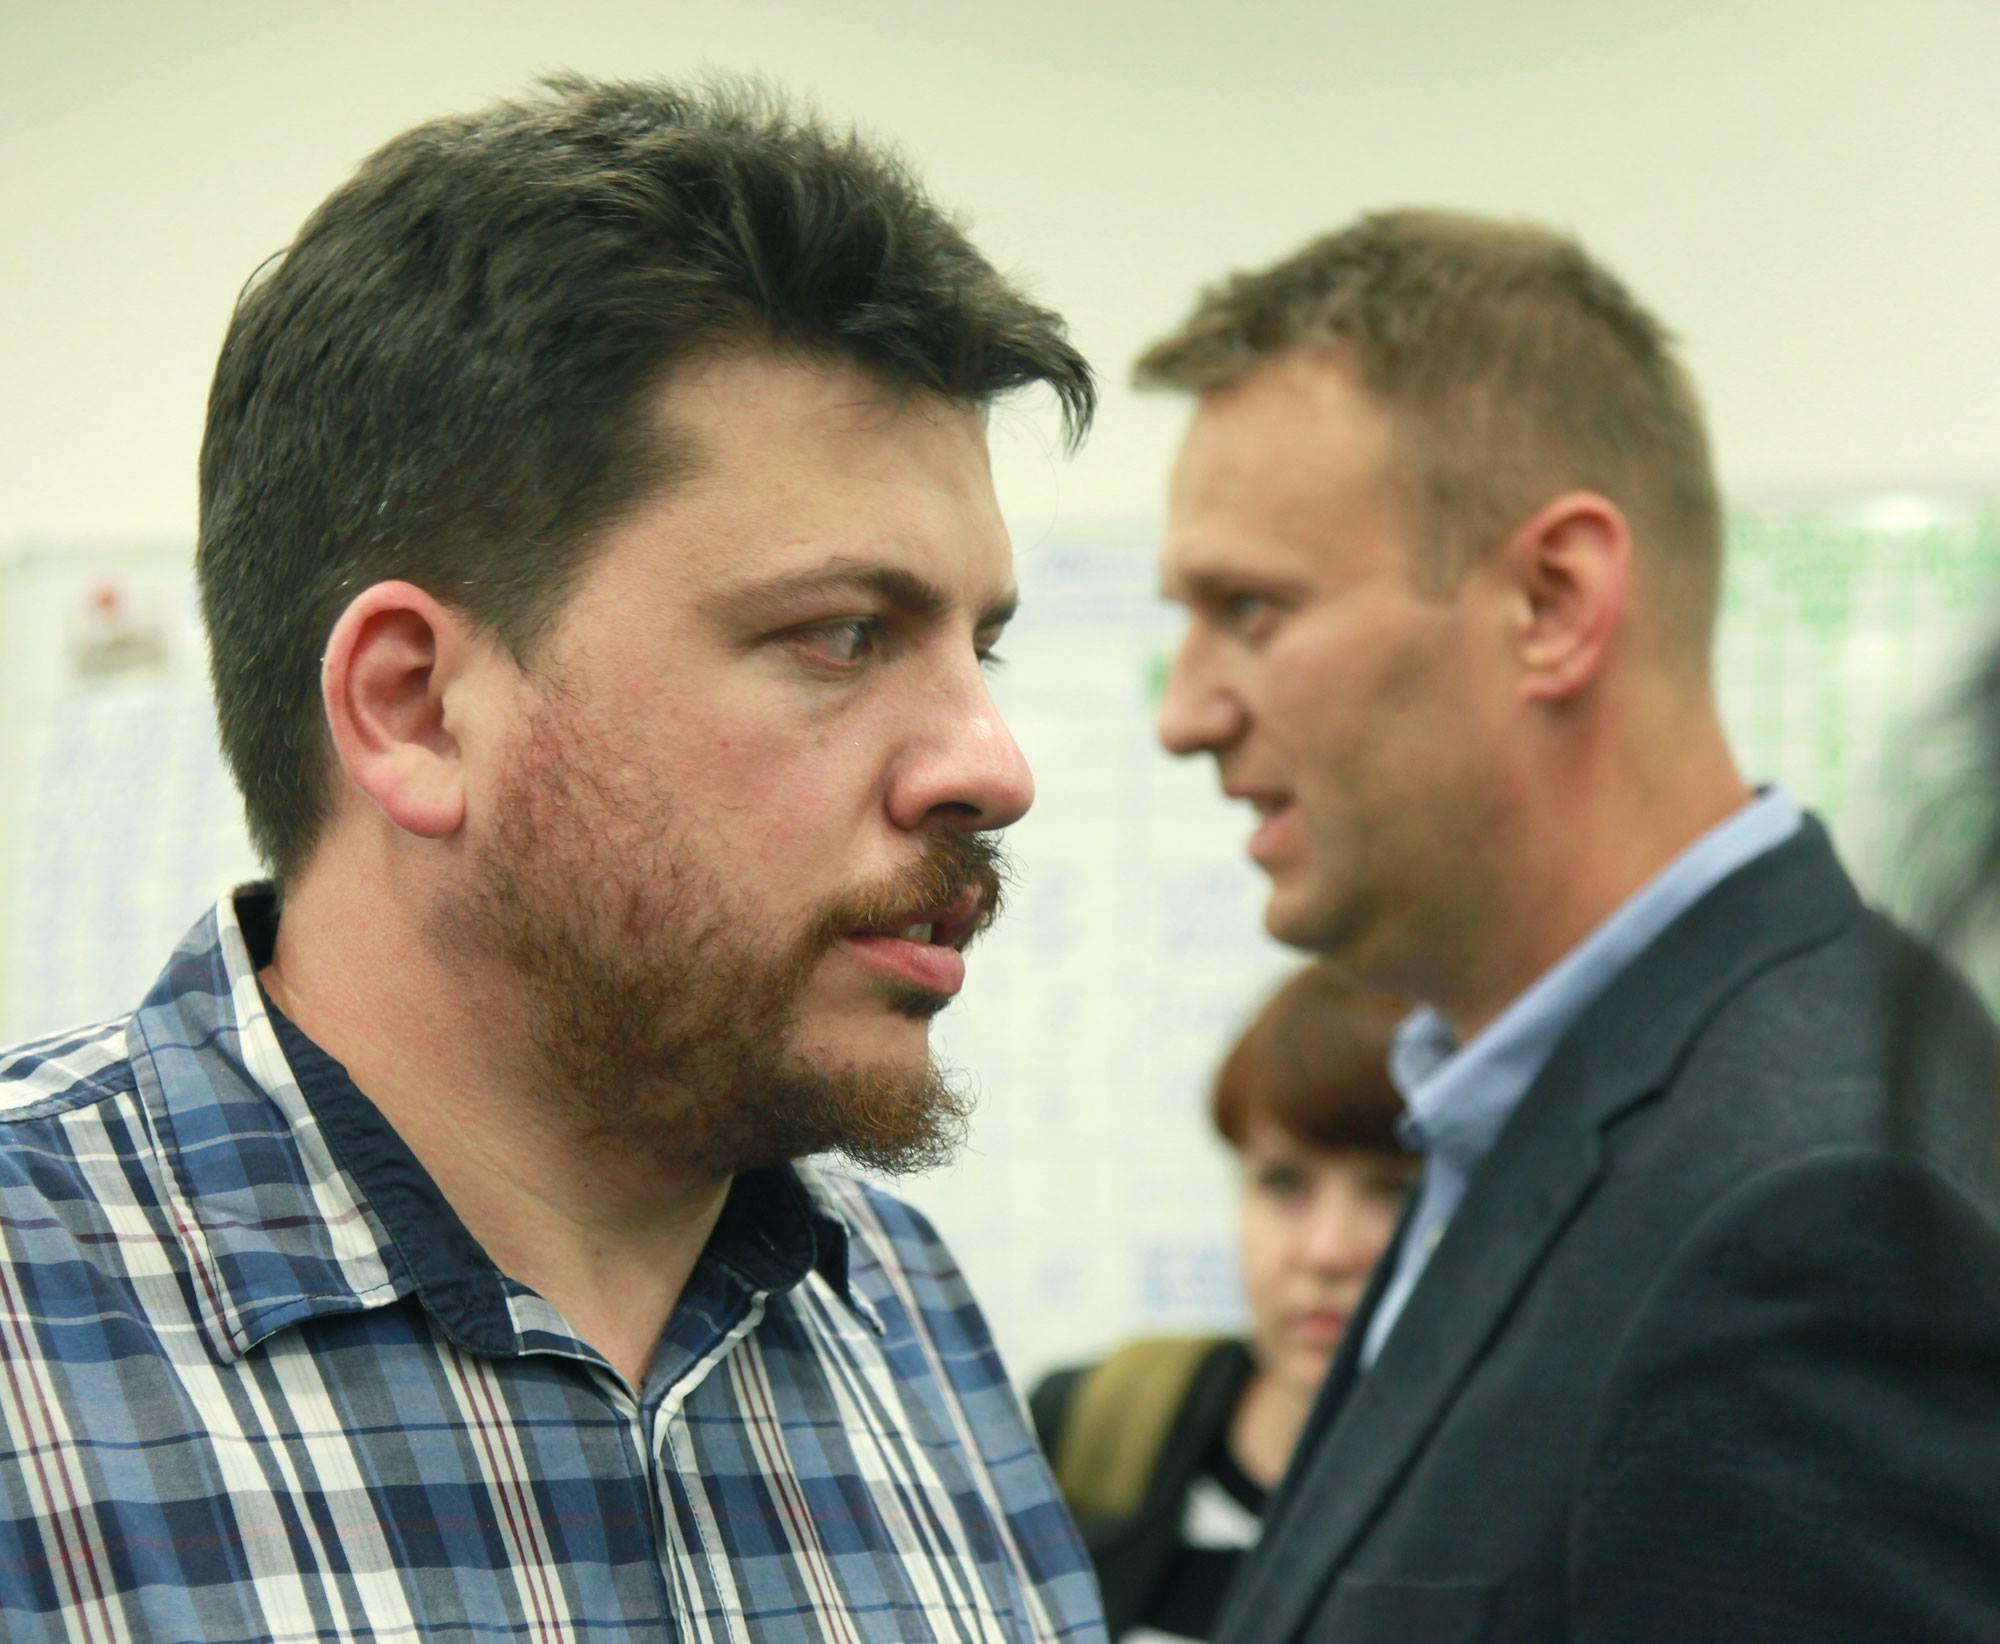 Илья Ремесло: в действиях навальнистов есть признаки госизмены 7e83aa1b47b16b1e95c32efcf5362602